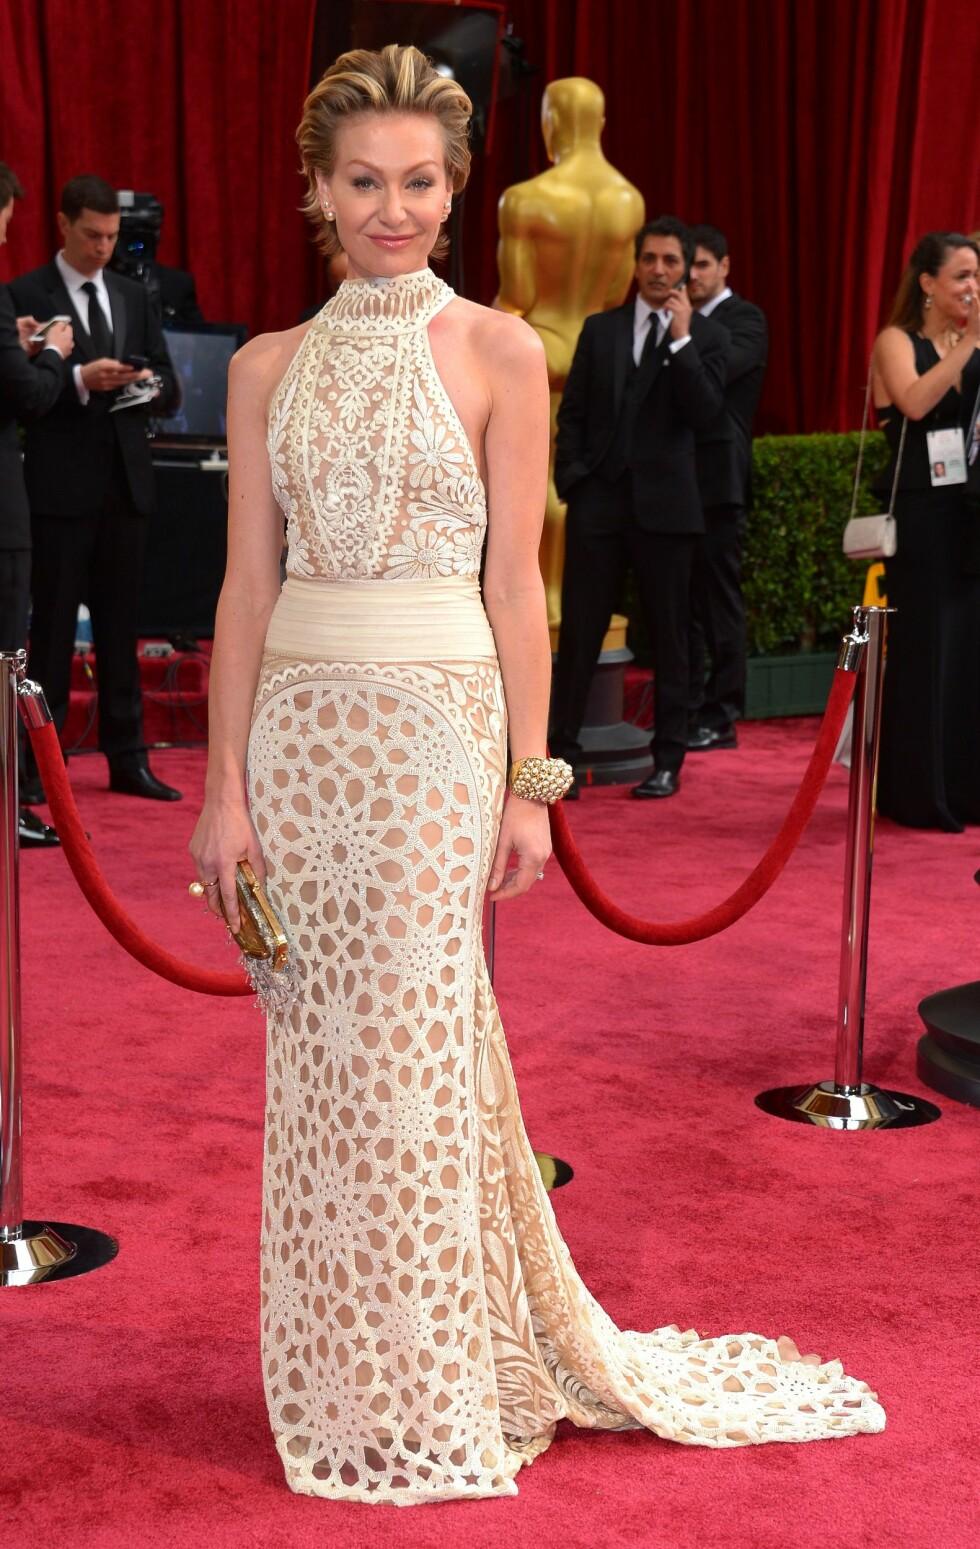 """Skuespiller Portia de Rossi (41) kjent fra TV-serien """"Ally McBeal"""" valgte en fotsid kremhvit kreasjon. Foto: REX/Stewart Cook/All Over Press"""